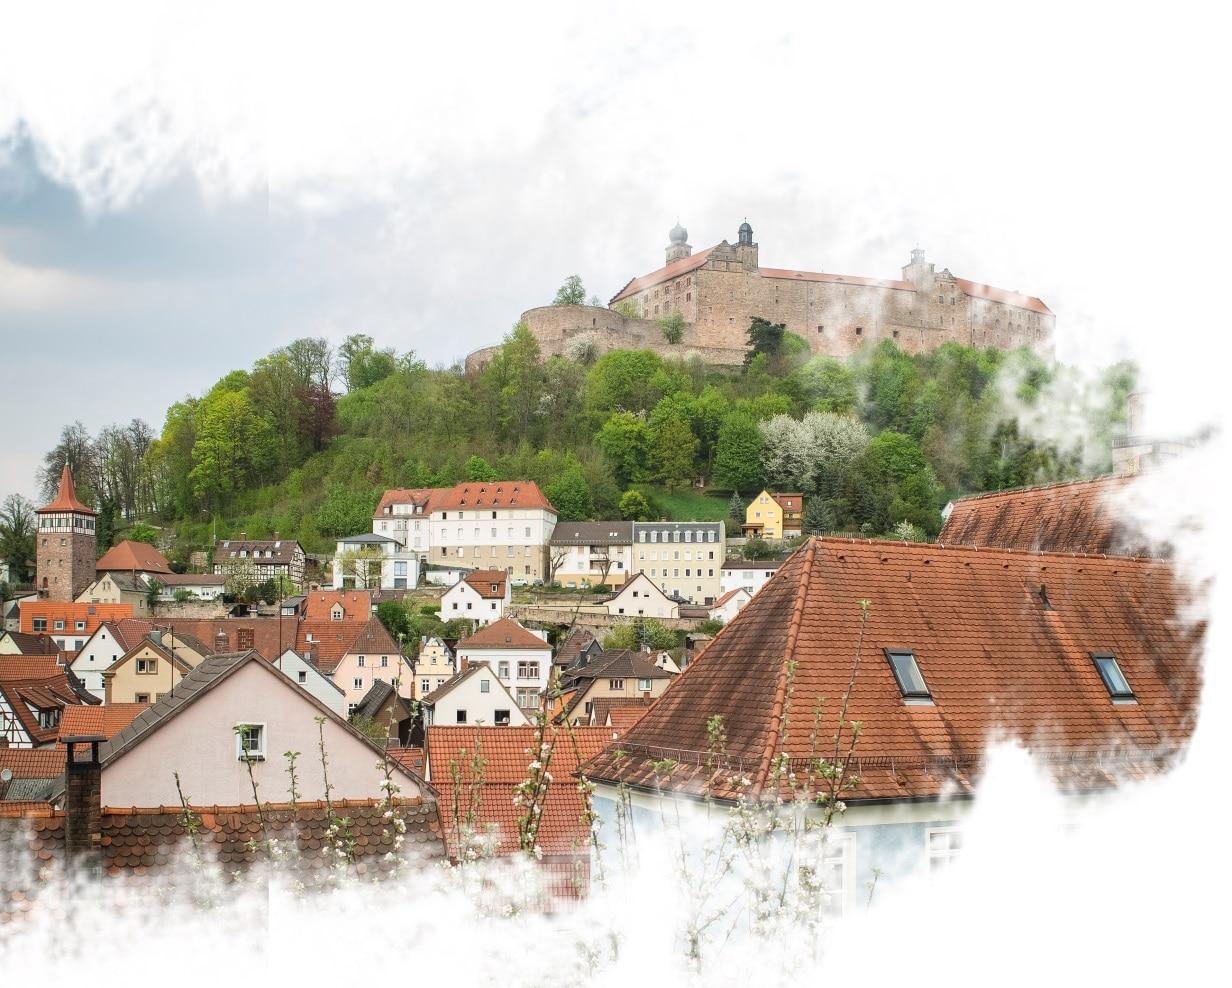 Kulmbach na Baviera, sul da Alemanha.